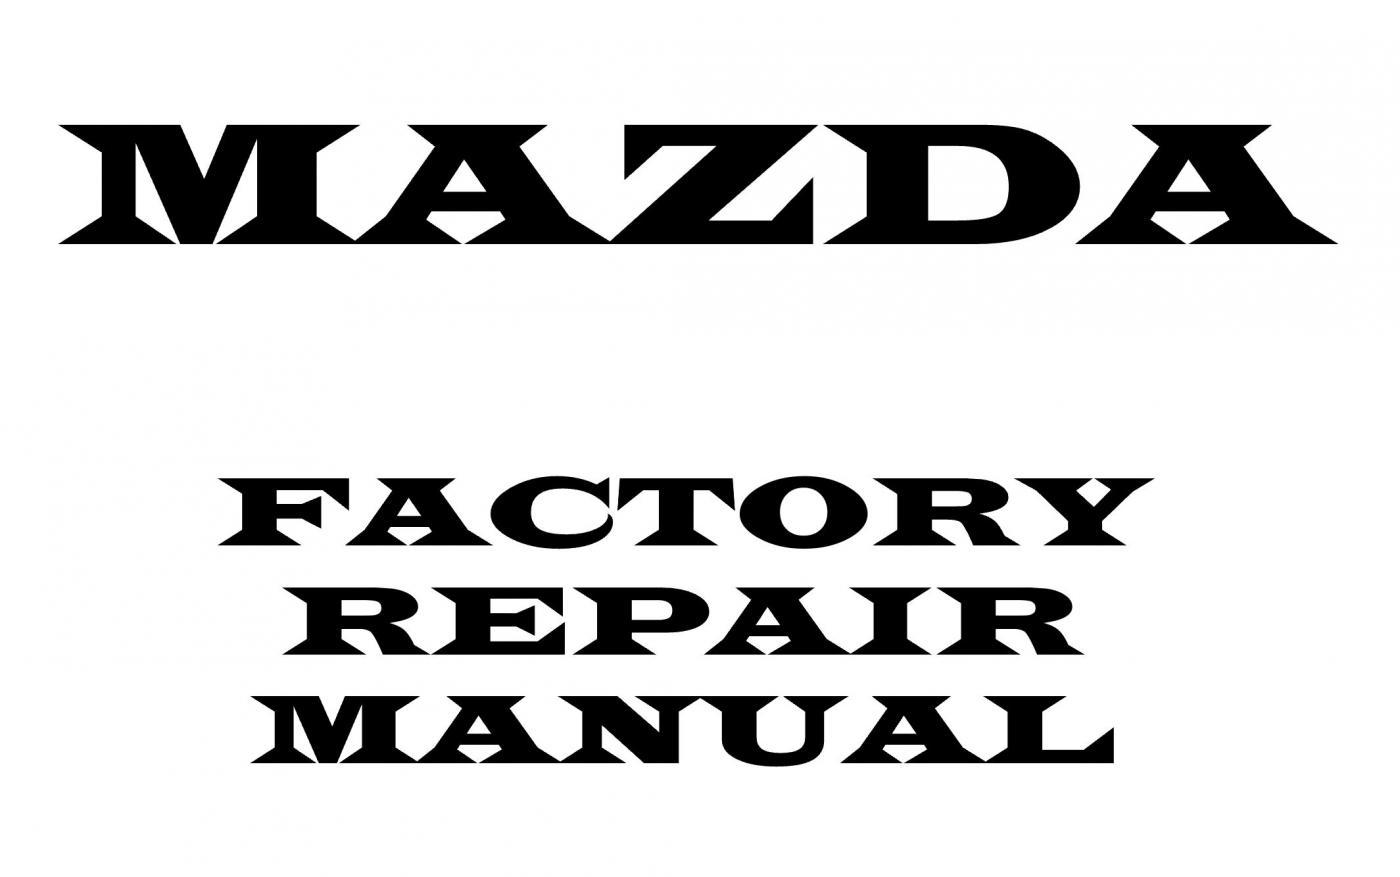 Mazda B Series 2007 2008 Repair Manual